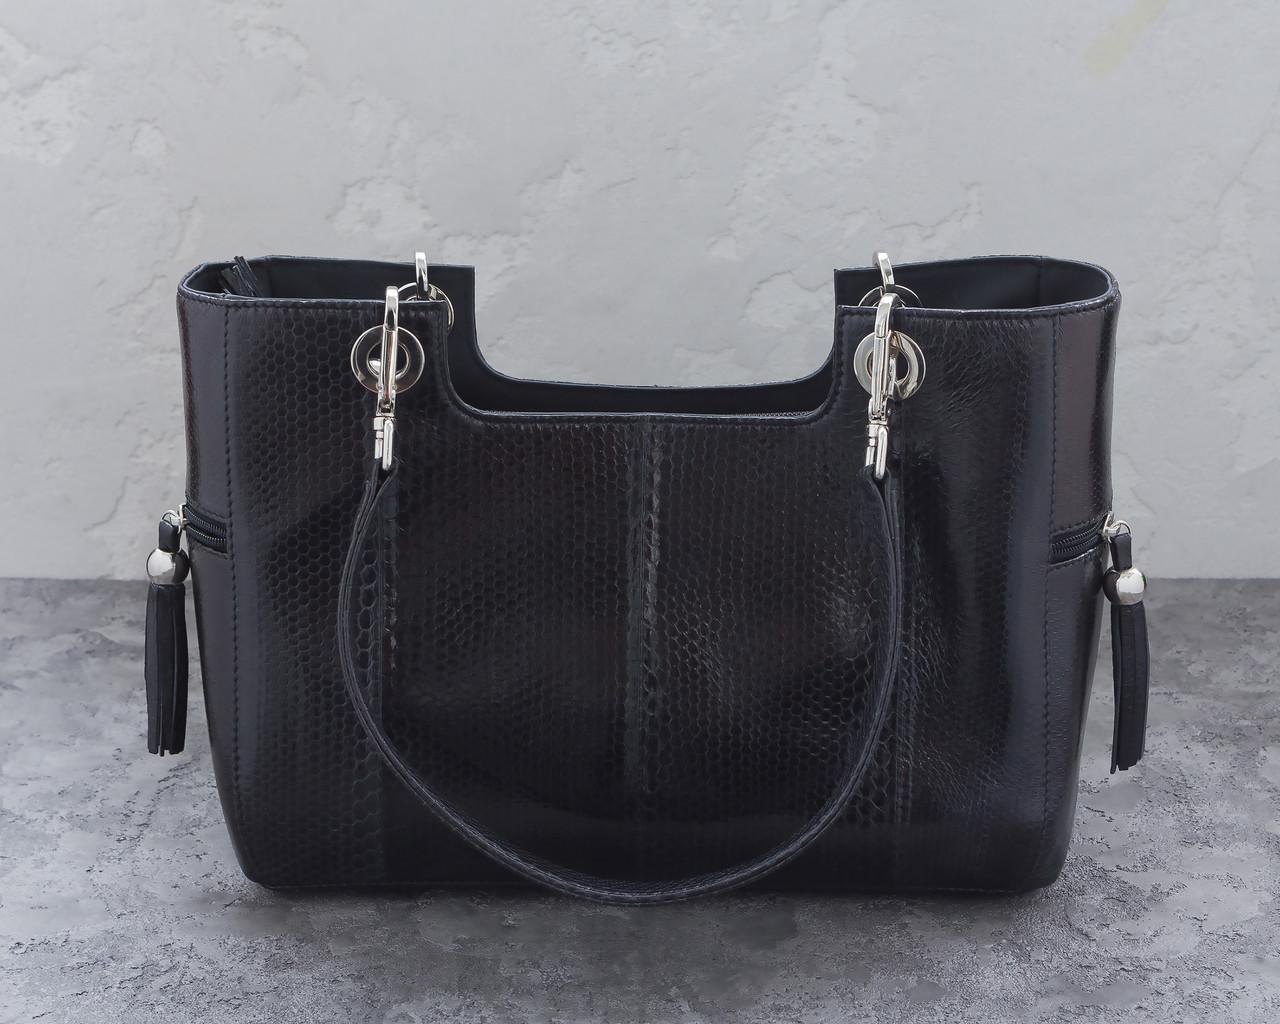 67140375bd8c Сумка из кожи морской змеи Ekzotic Leather Черная (snc 07_1). Купить ...